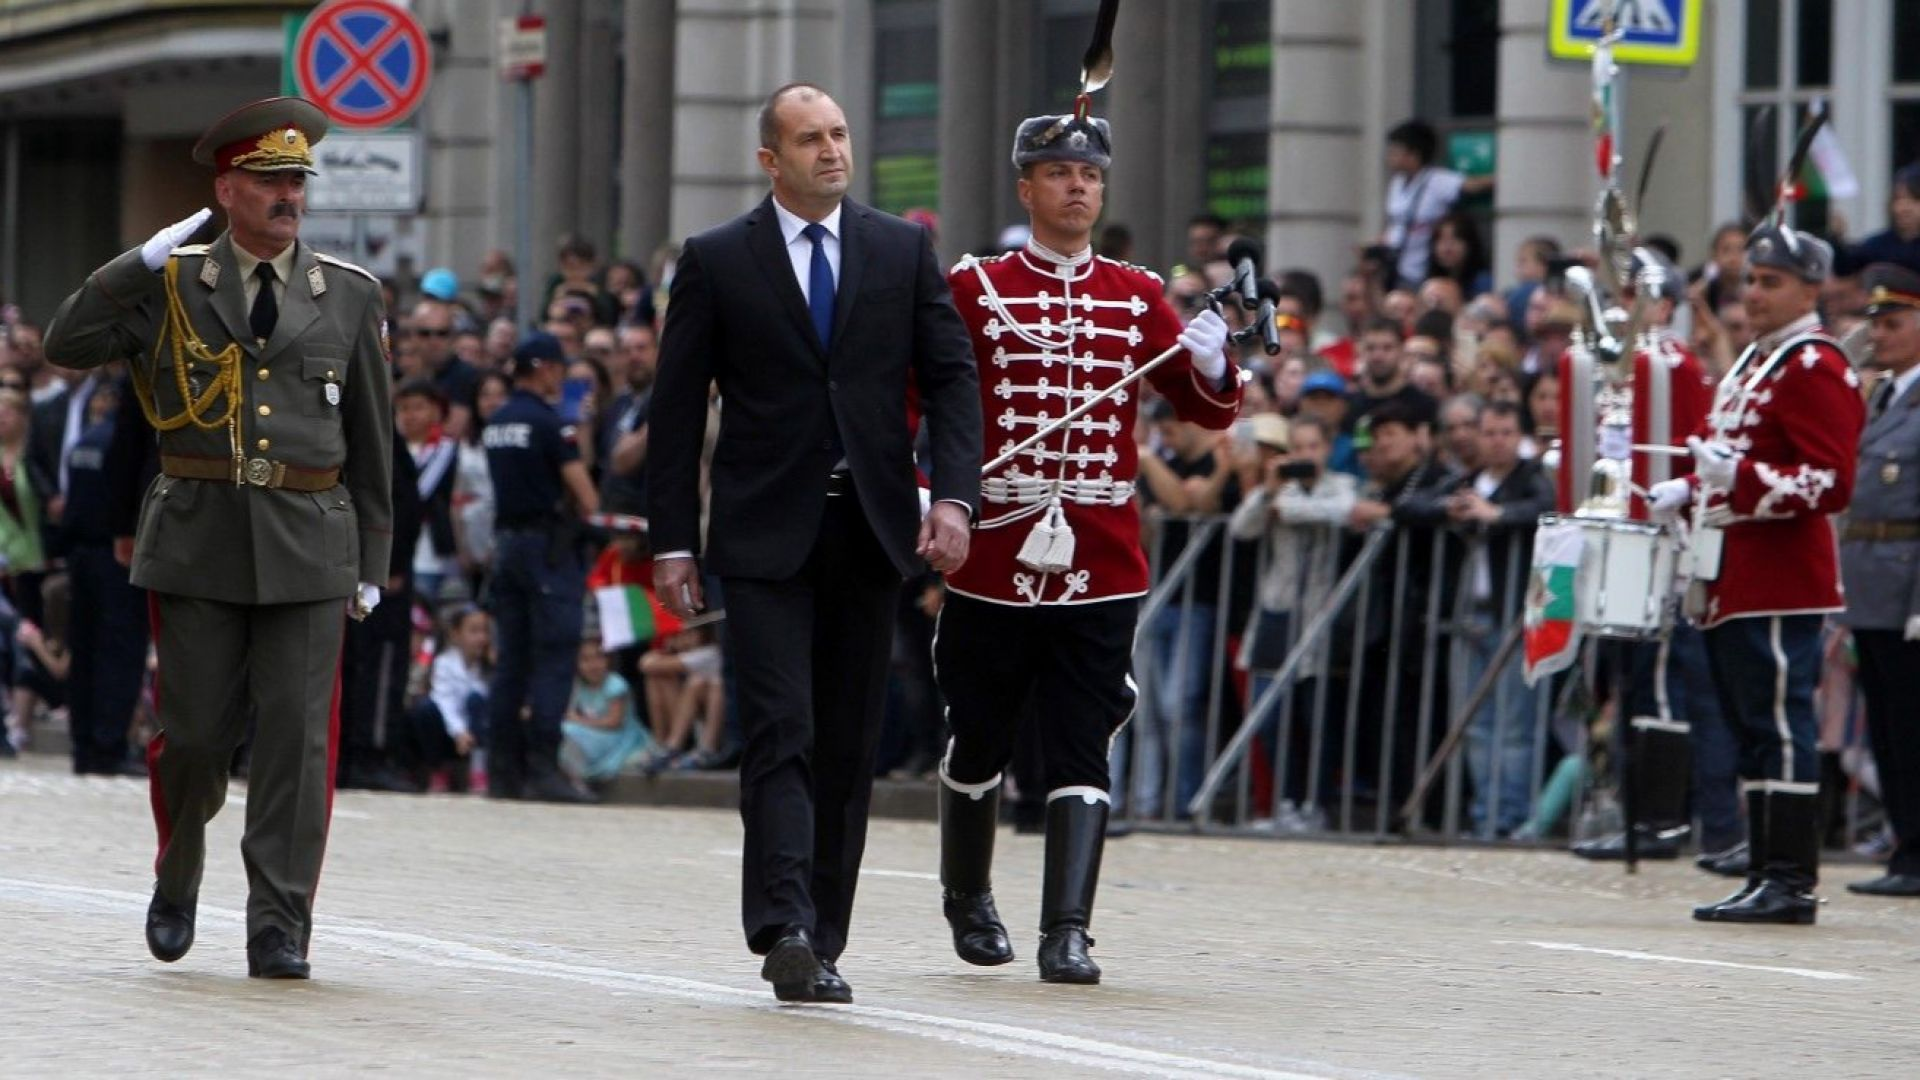 Румен Радев: Нехайното отношение към армията подкопава държавността